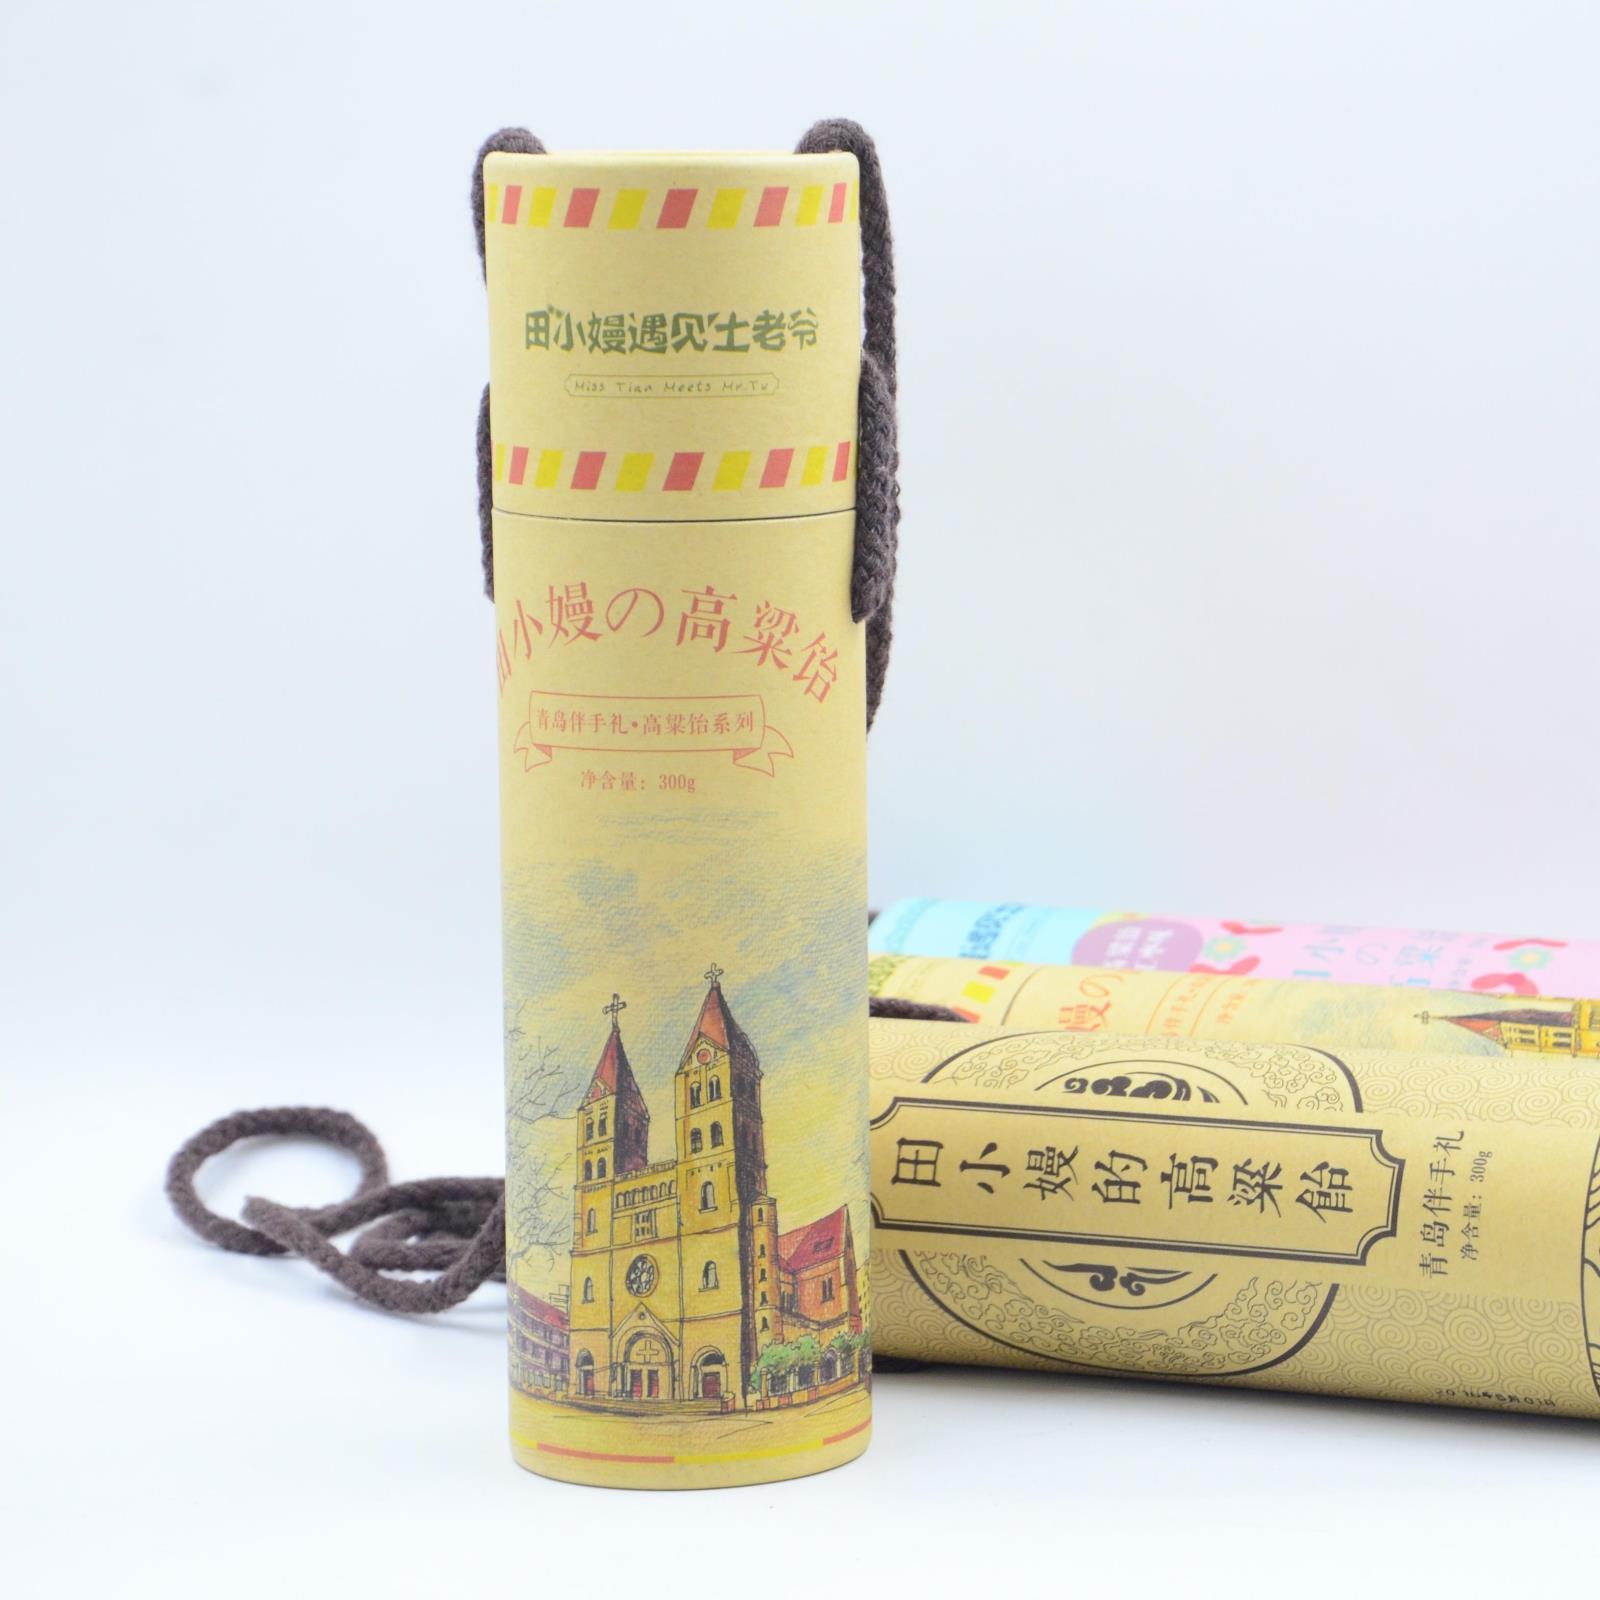 正宗青岛特产 高粱饴软糖 立式礼盒装 田小嫚遇见土老爷 天主教堂